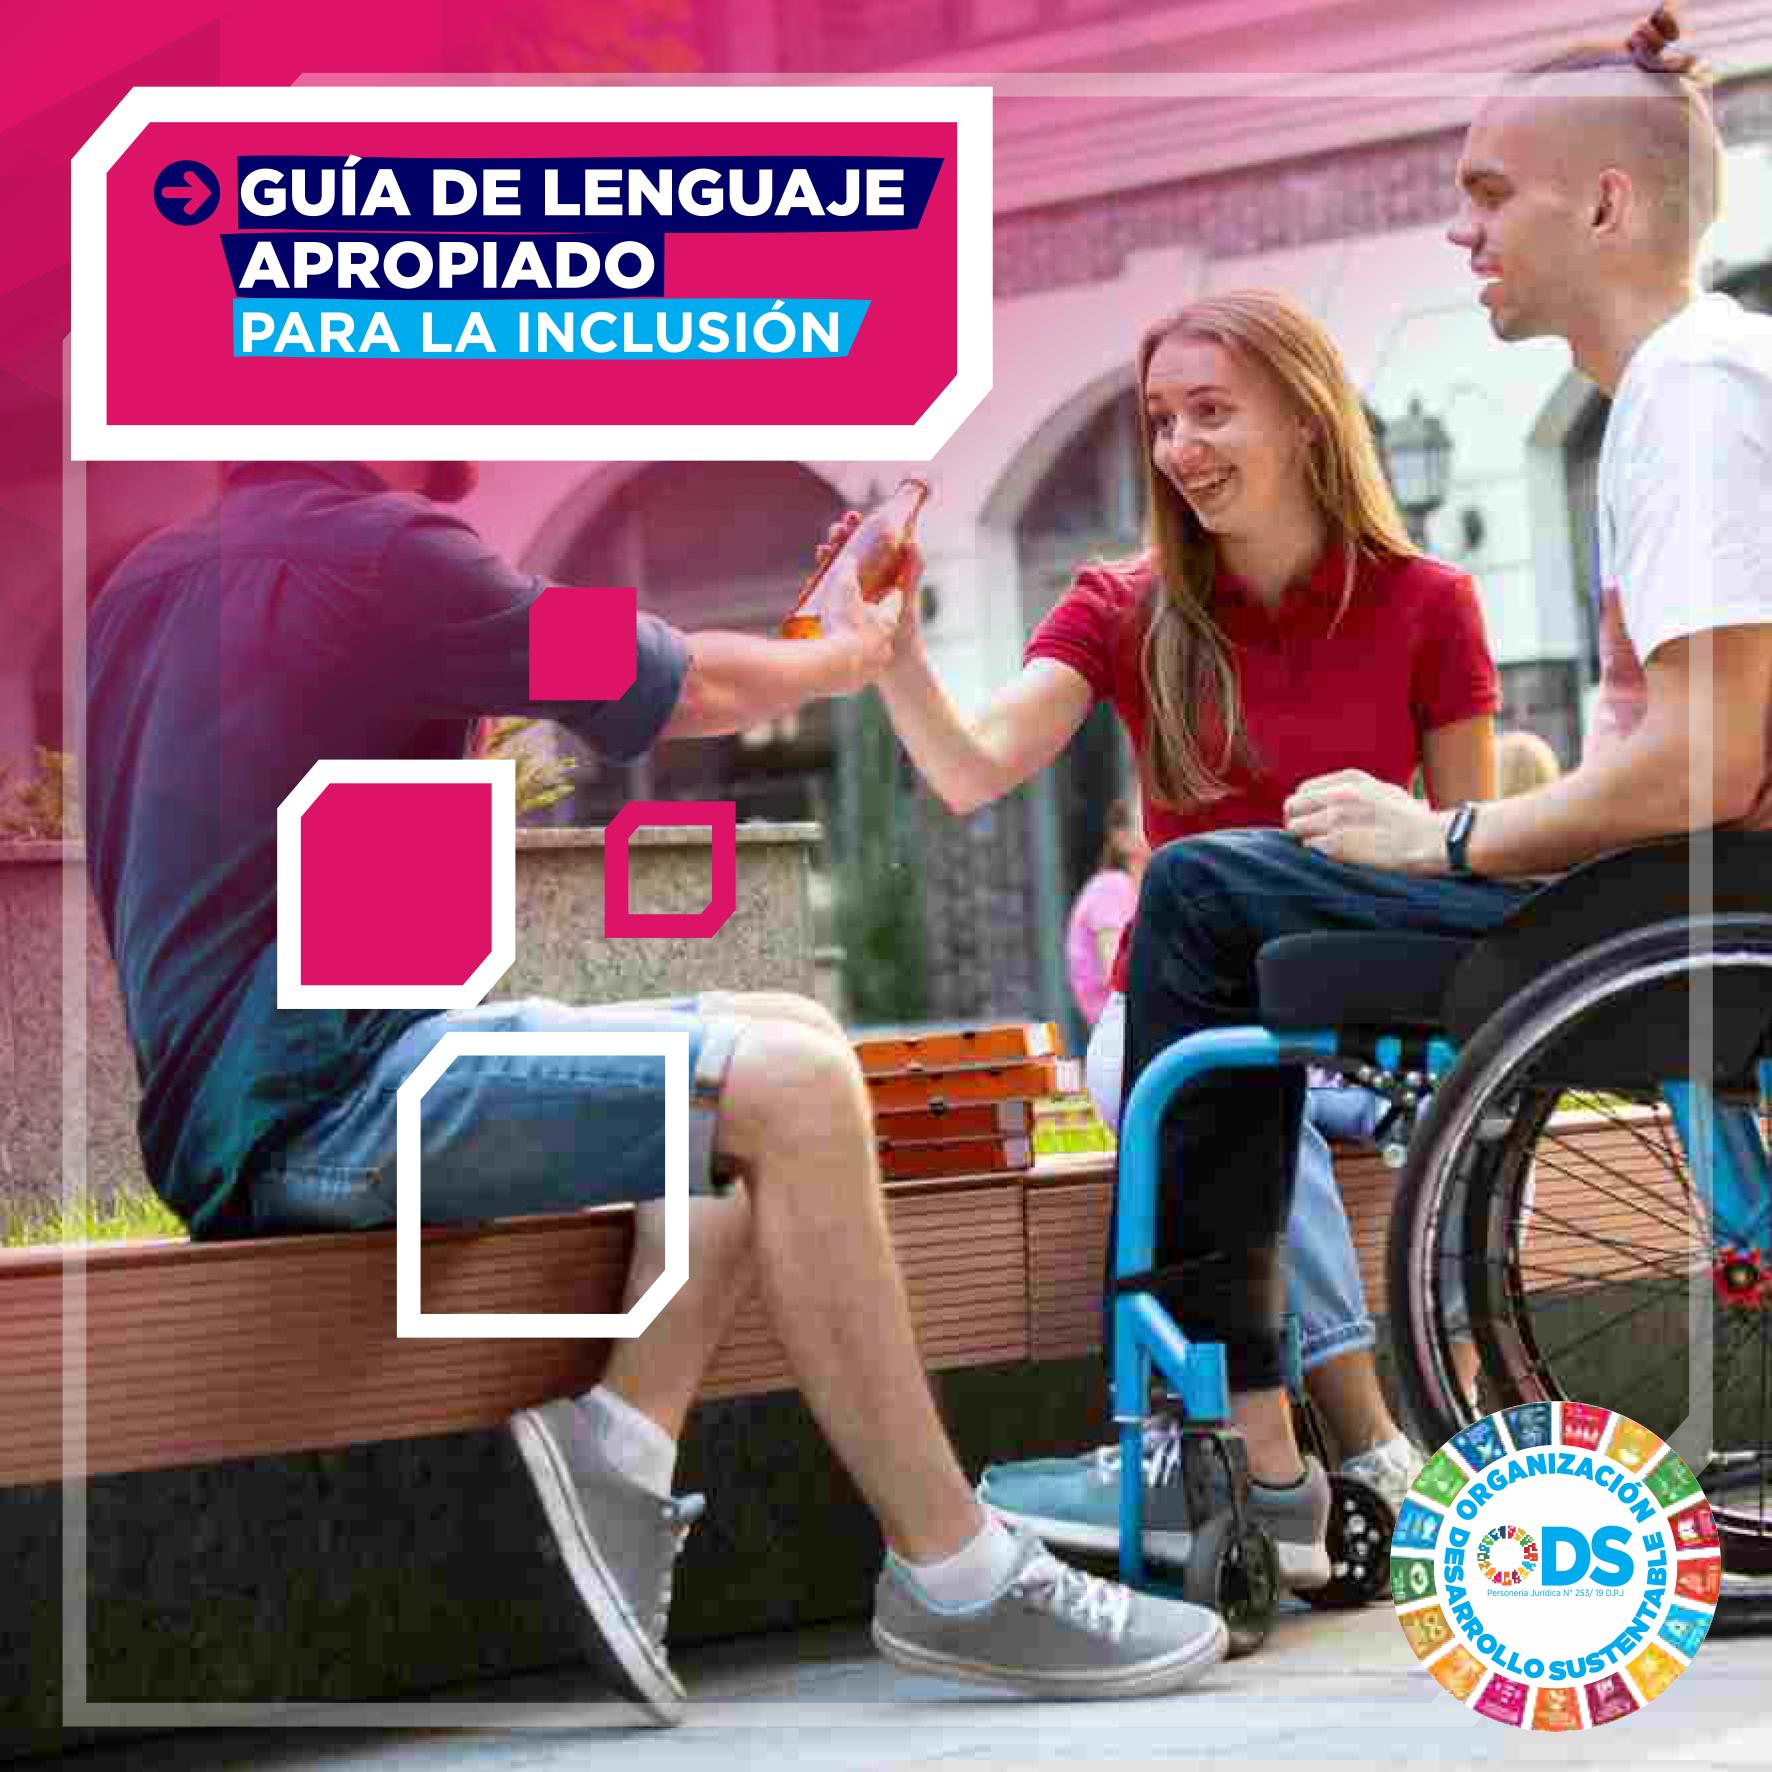 GUIA DE LENGUAJE APROPIADO PARA LA INCLUSION